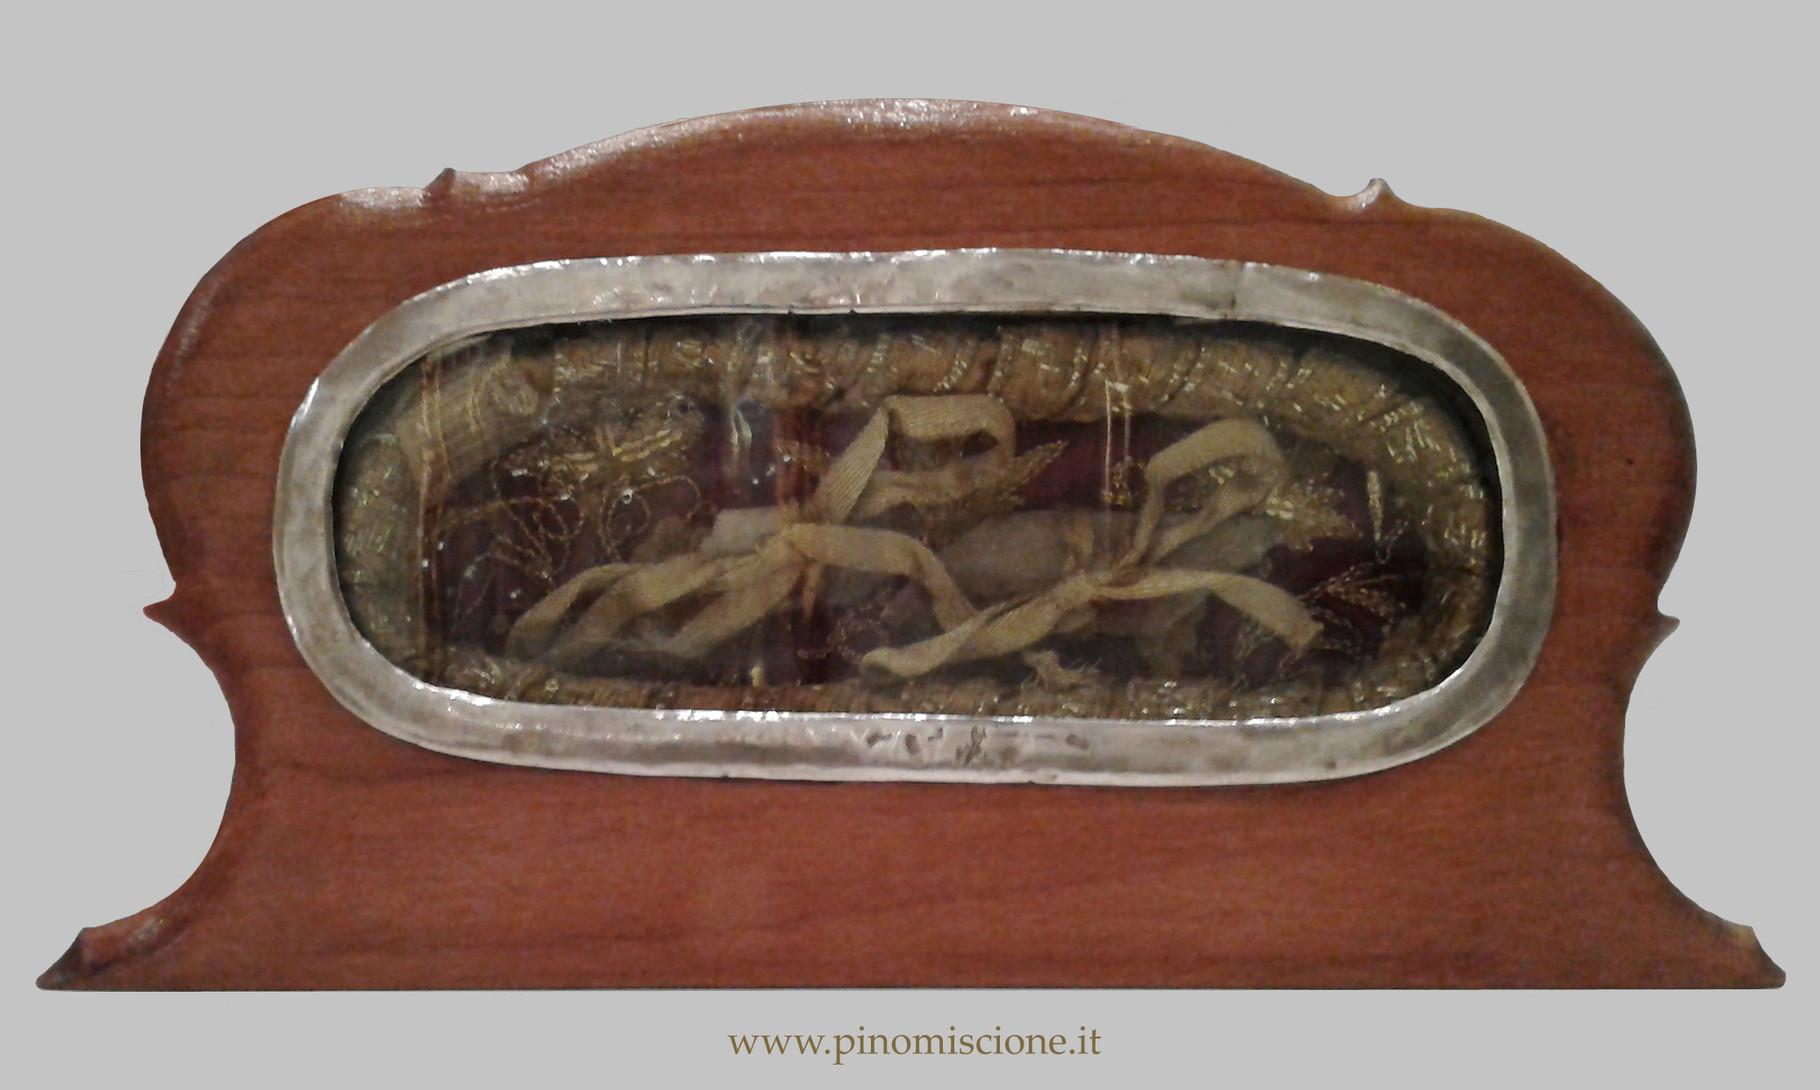 Teca-reliquiario in argento (1696), realizzata sotto l'episcopato di mons. Giuseppe Catalani (1686-1703), donatore anche del trafugato busto argenteo; in occasione della festa del Santo, la teca è inserita all'interno del tronetto dorato [foto Miscione]